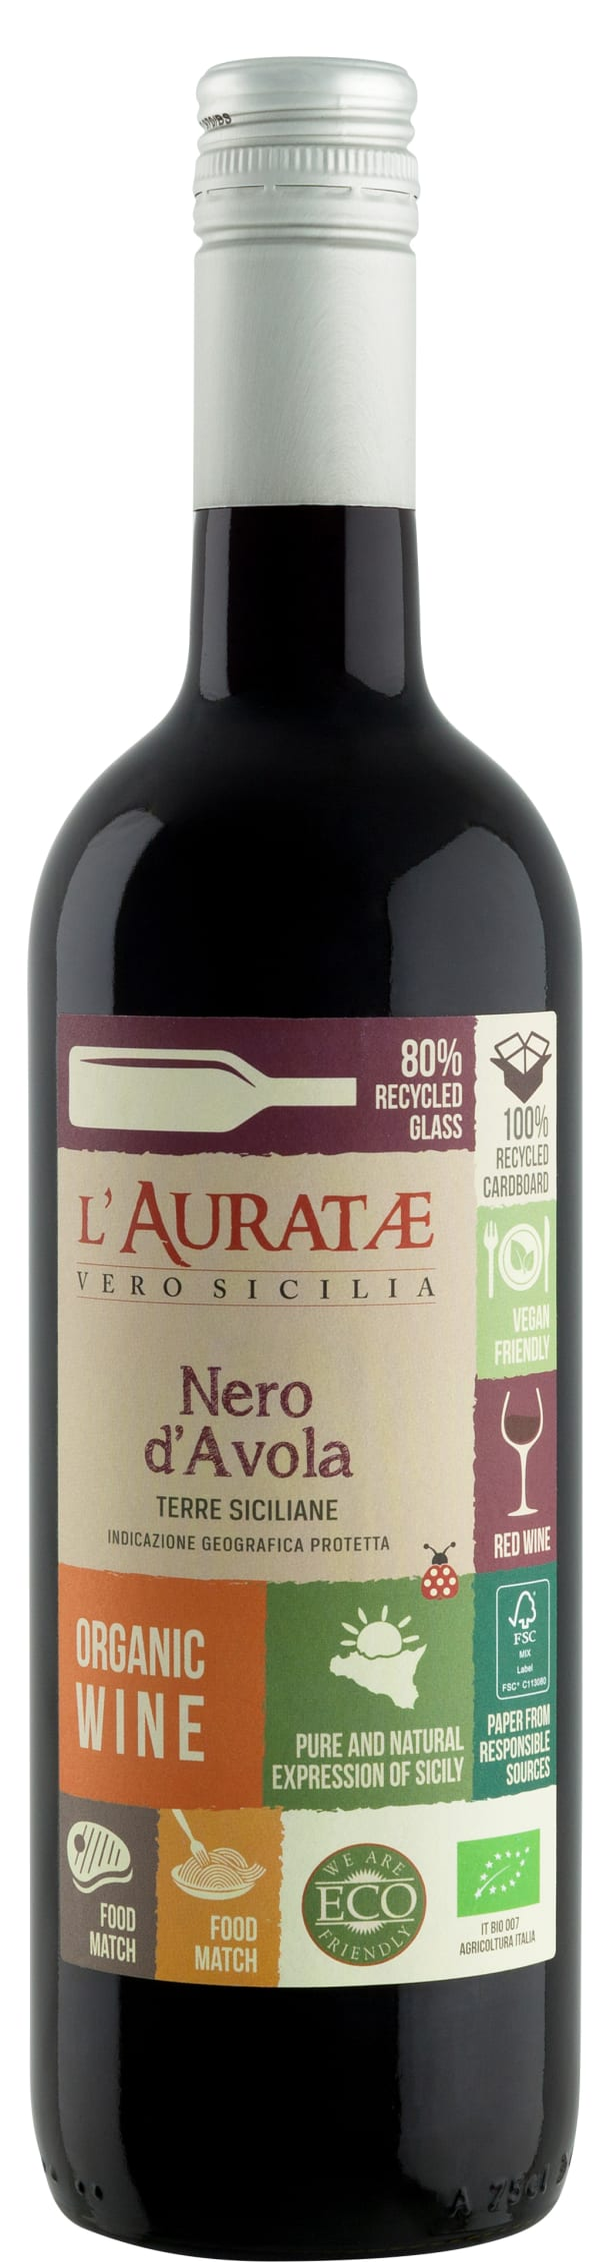 L'Auratae Nero d'Avola 2018